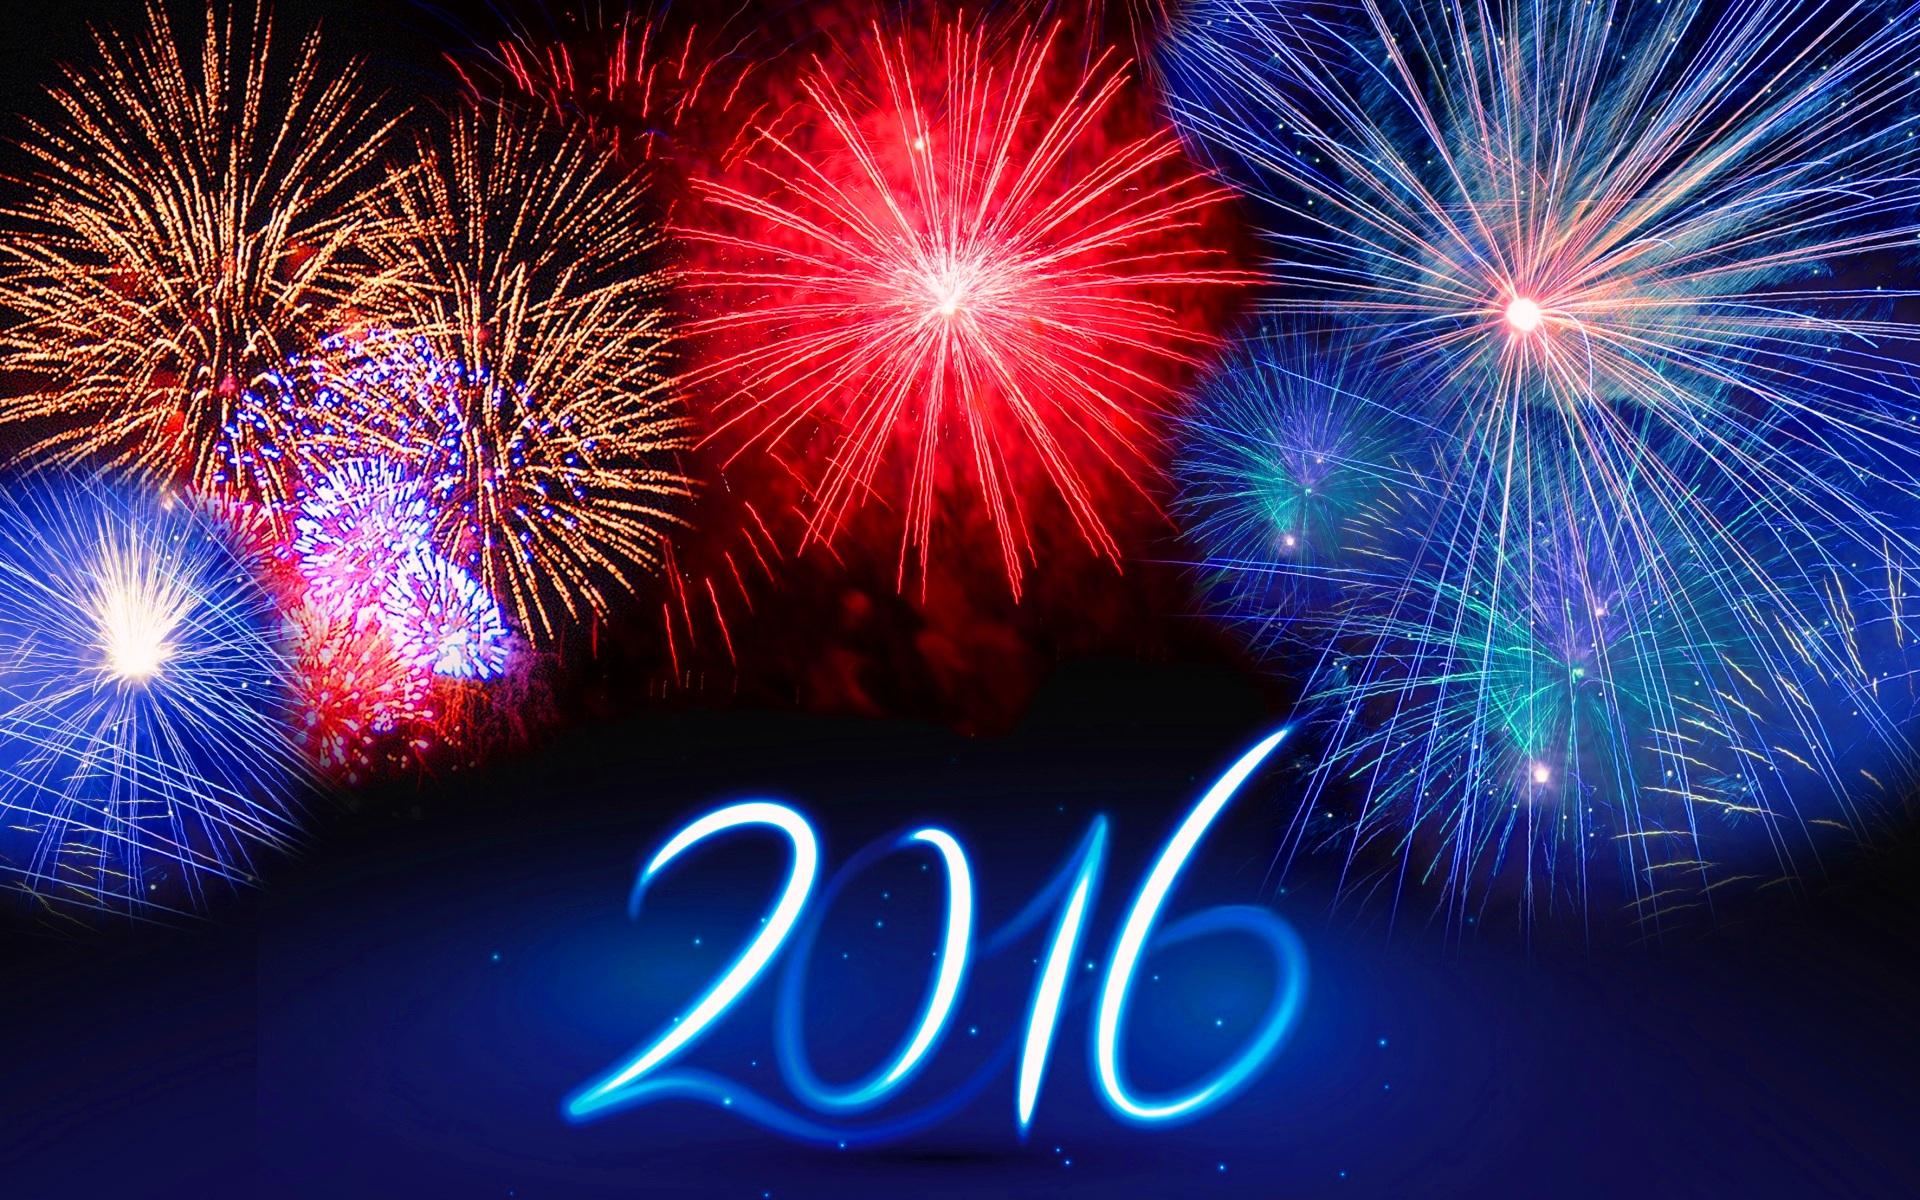 Фейерверк 2016 - C Новым годом  2018 поздравительные картинки